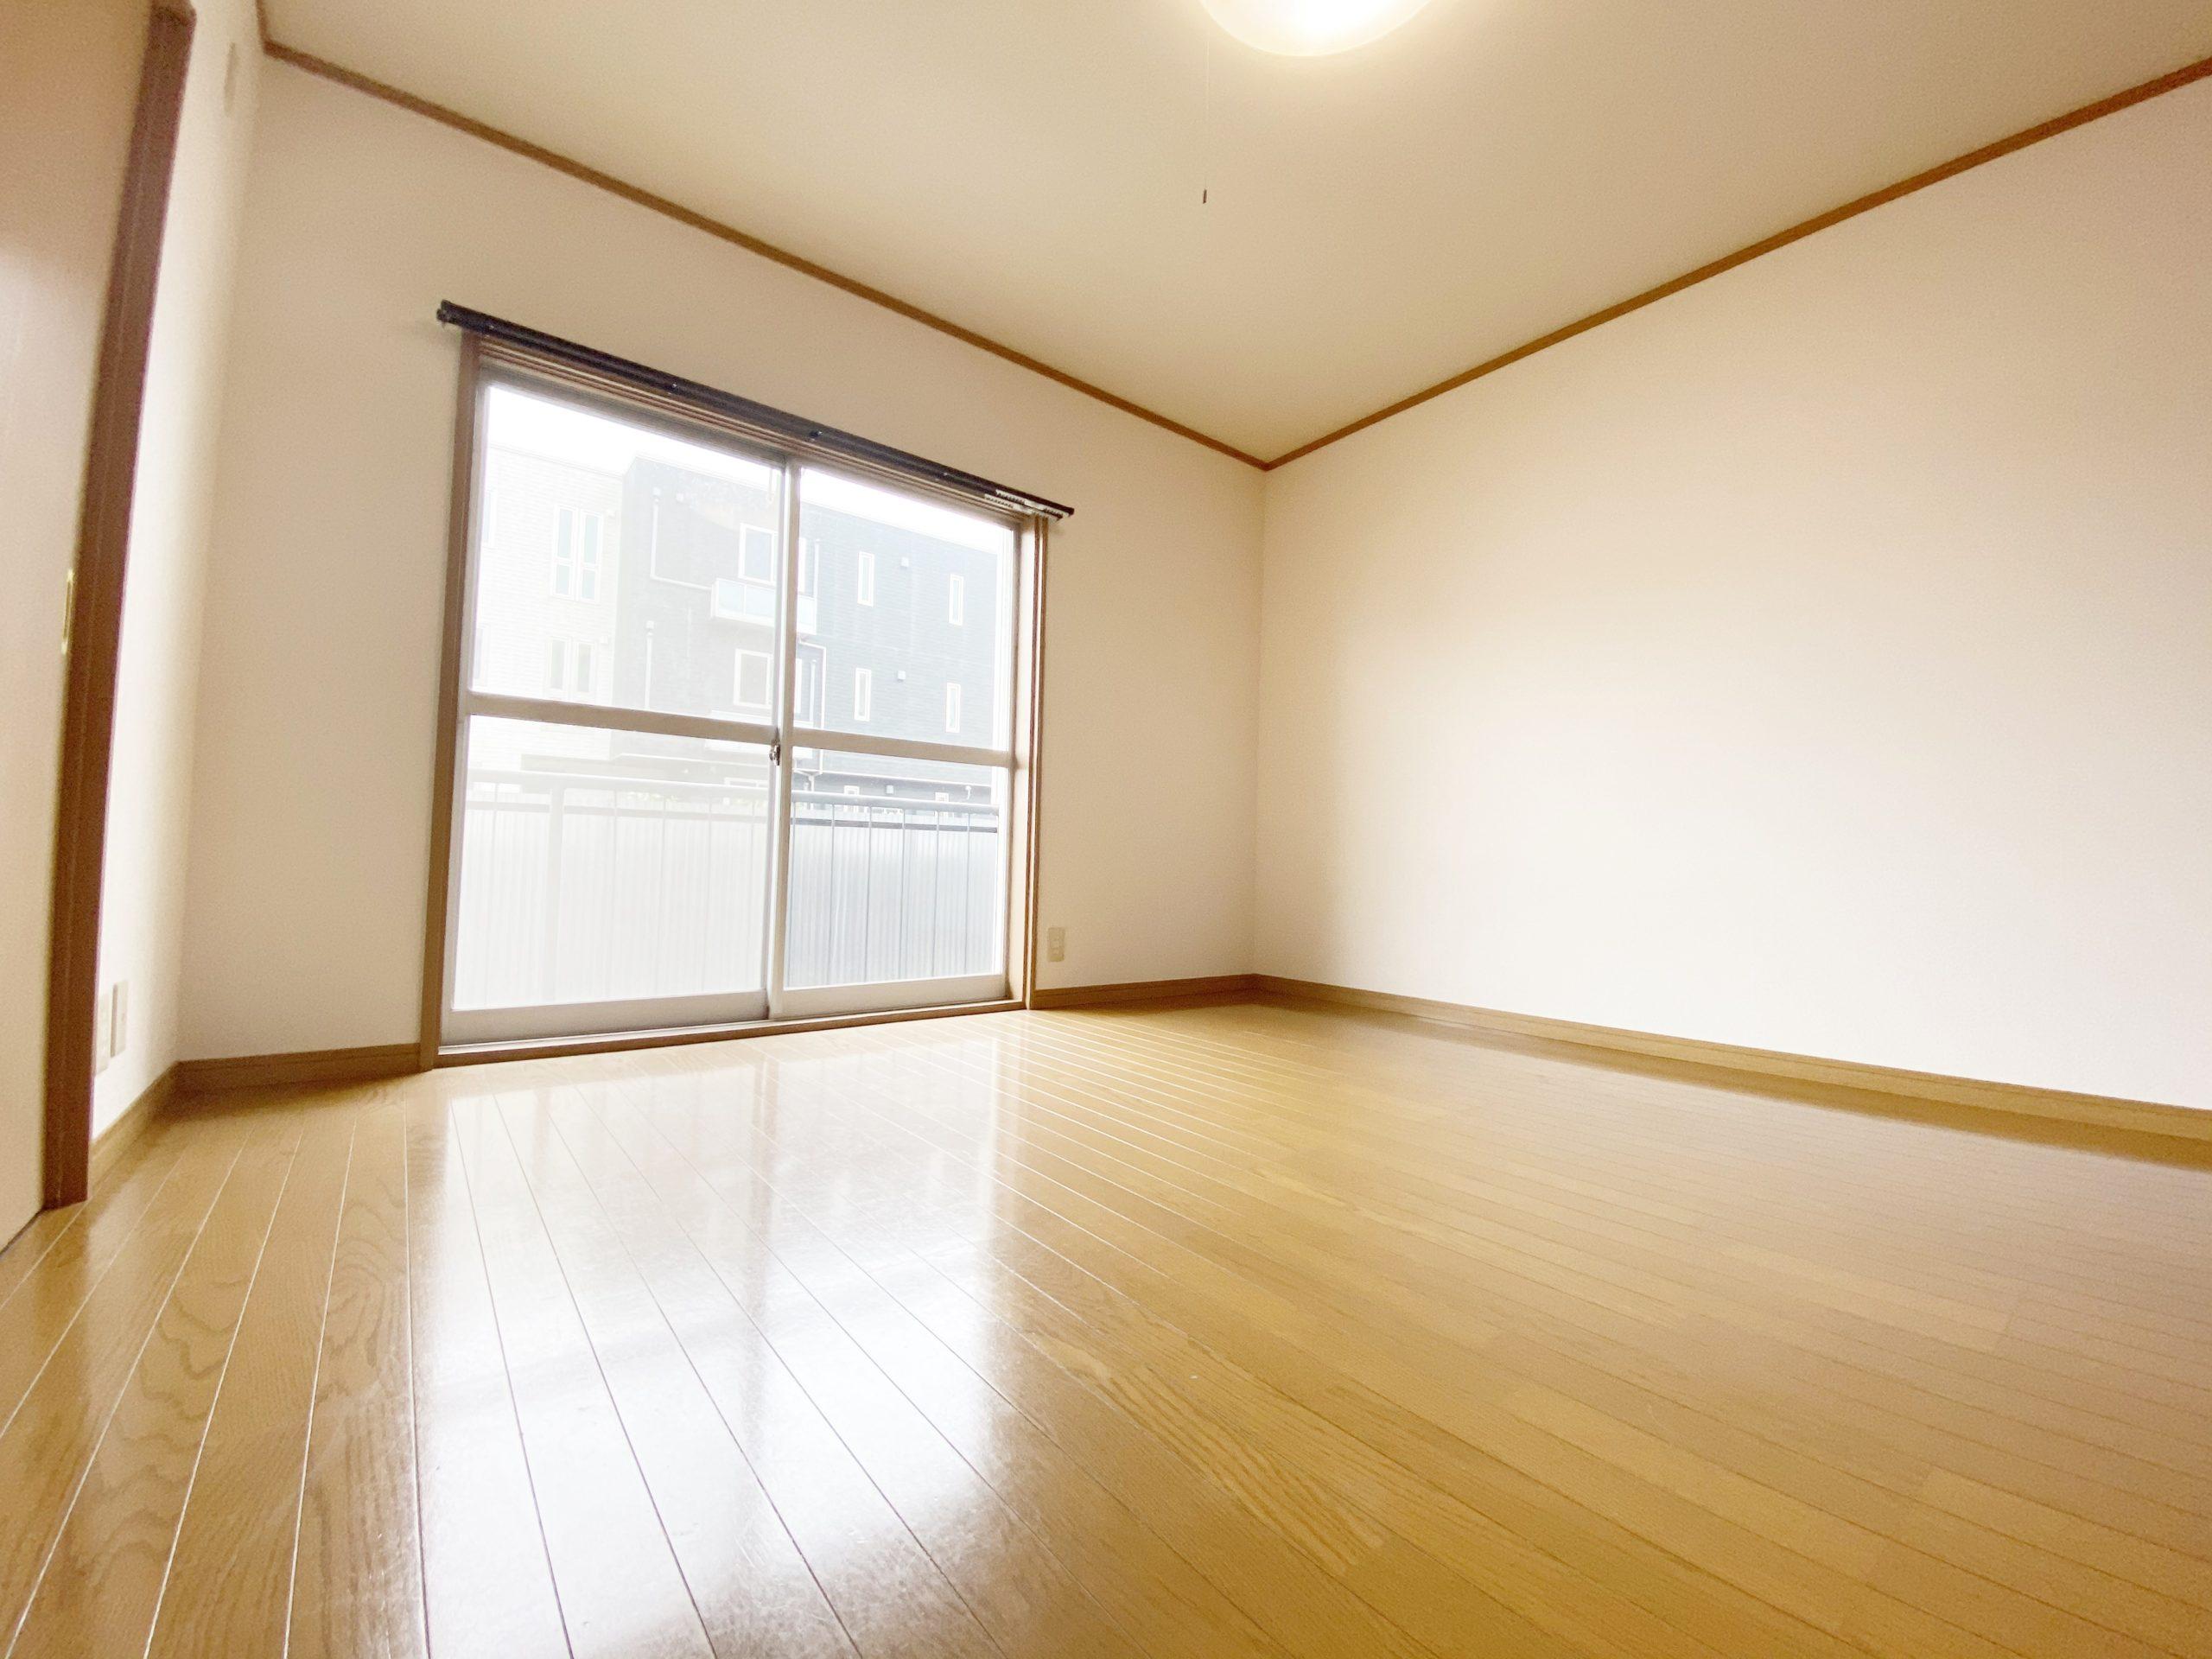 大泉ハイツ 1階